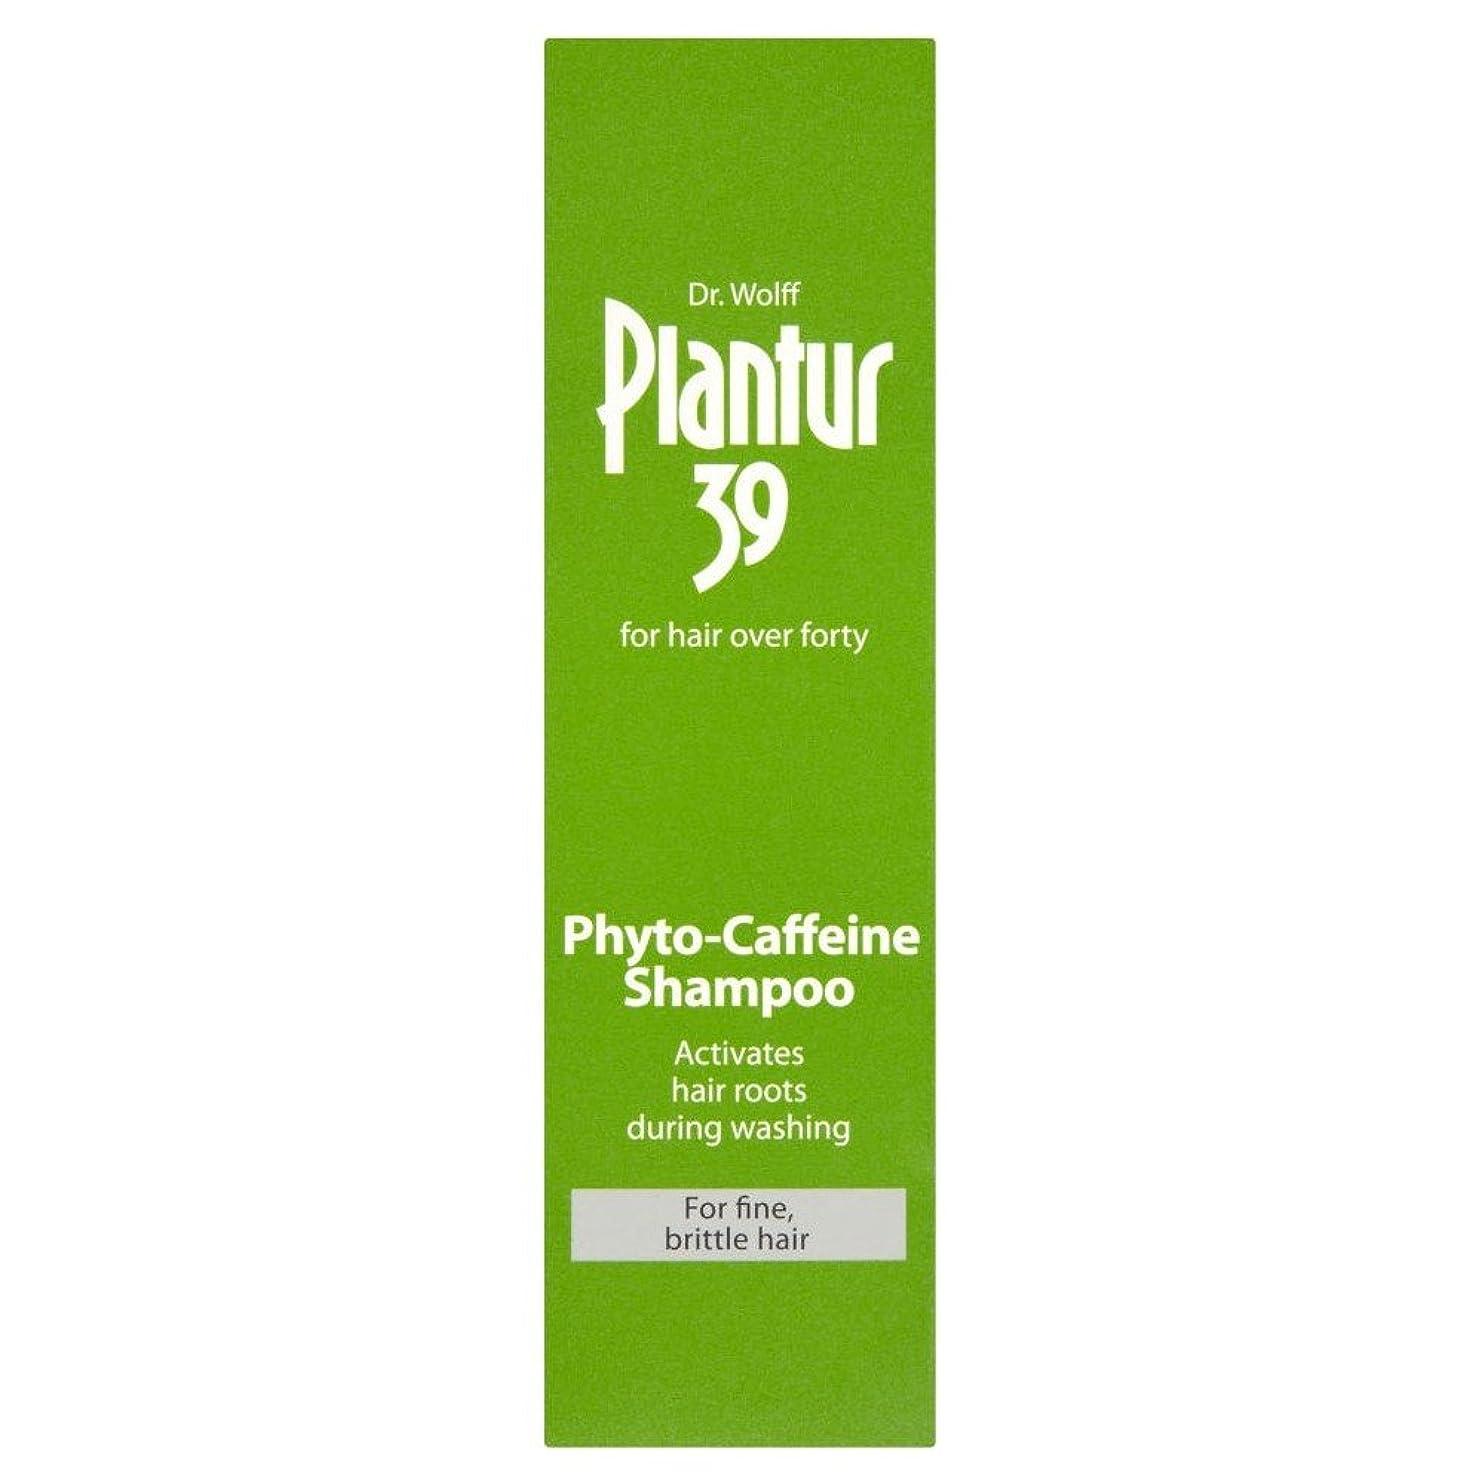 アスリートパリティコンデンサーPlantur 39 Phyto Caffeine Shampoo for Coloured & Stressed Hair (250ml) 色や髪を強調した( 250ミリリットル)のための39フィトのカフェインシャンプーplantur [並行輸入品]